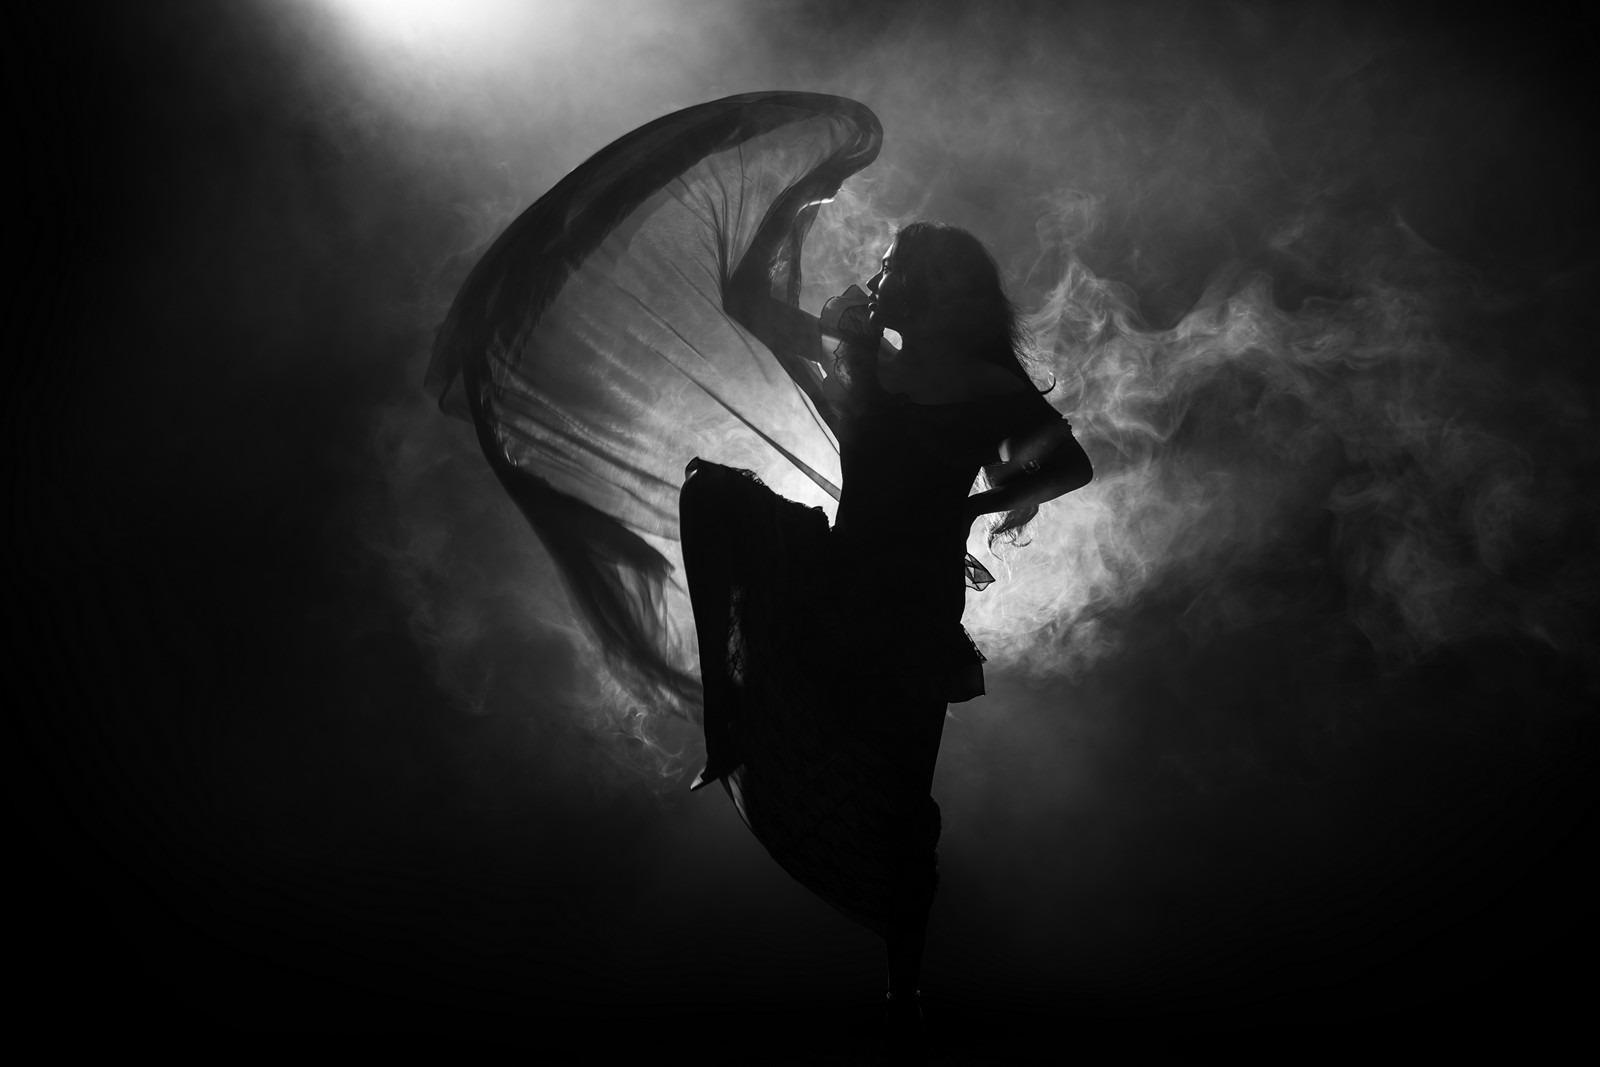 dancer by portrait photographer Paul Ward